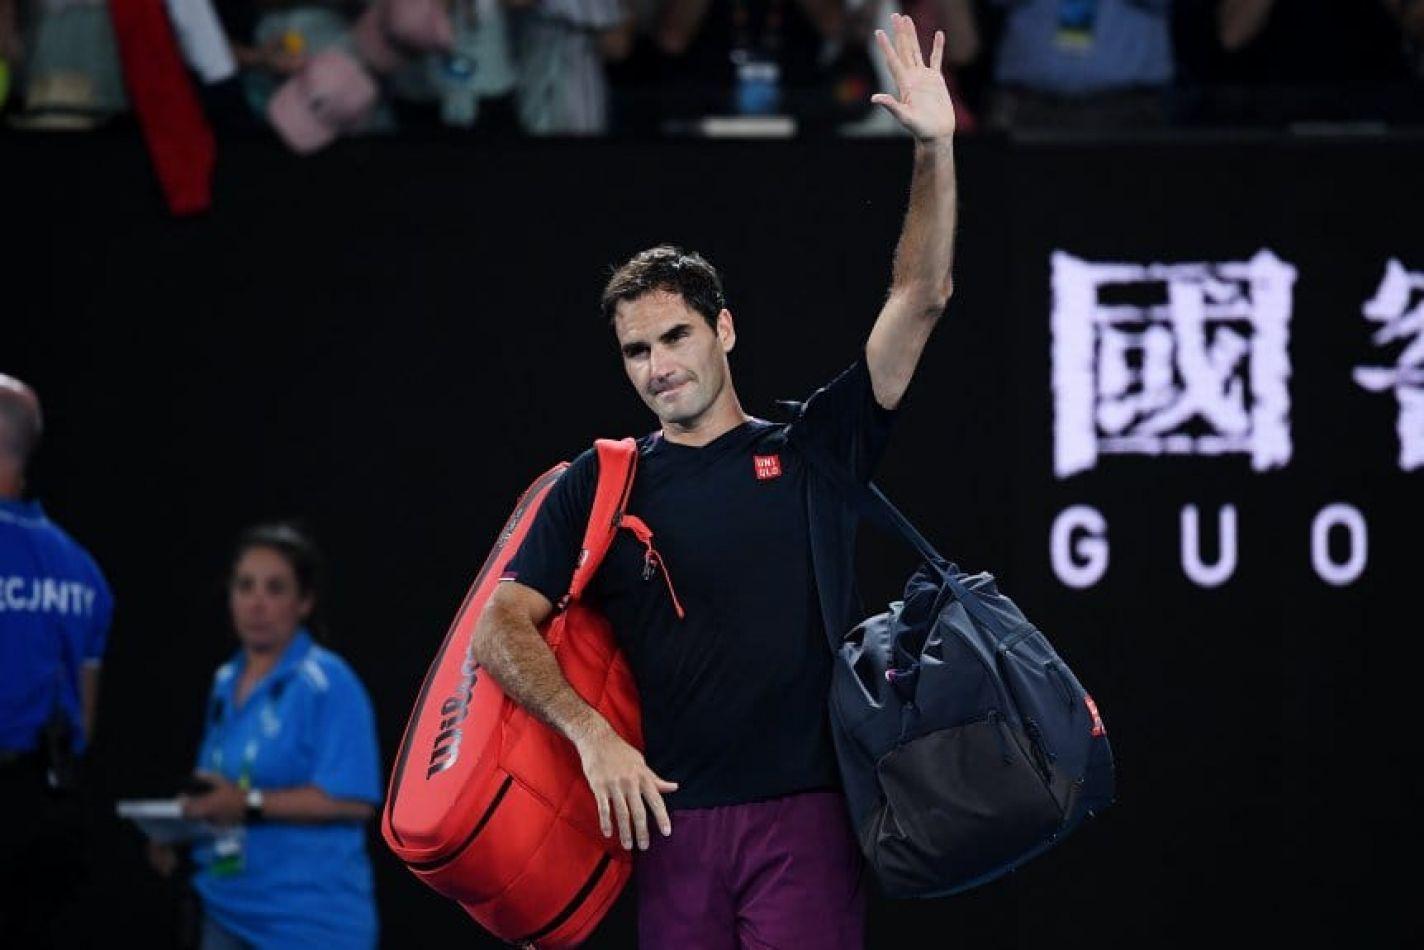 Después de 10 años, Roger Federer saldrá del top ten del ranking de la ATP